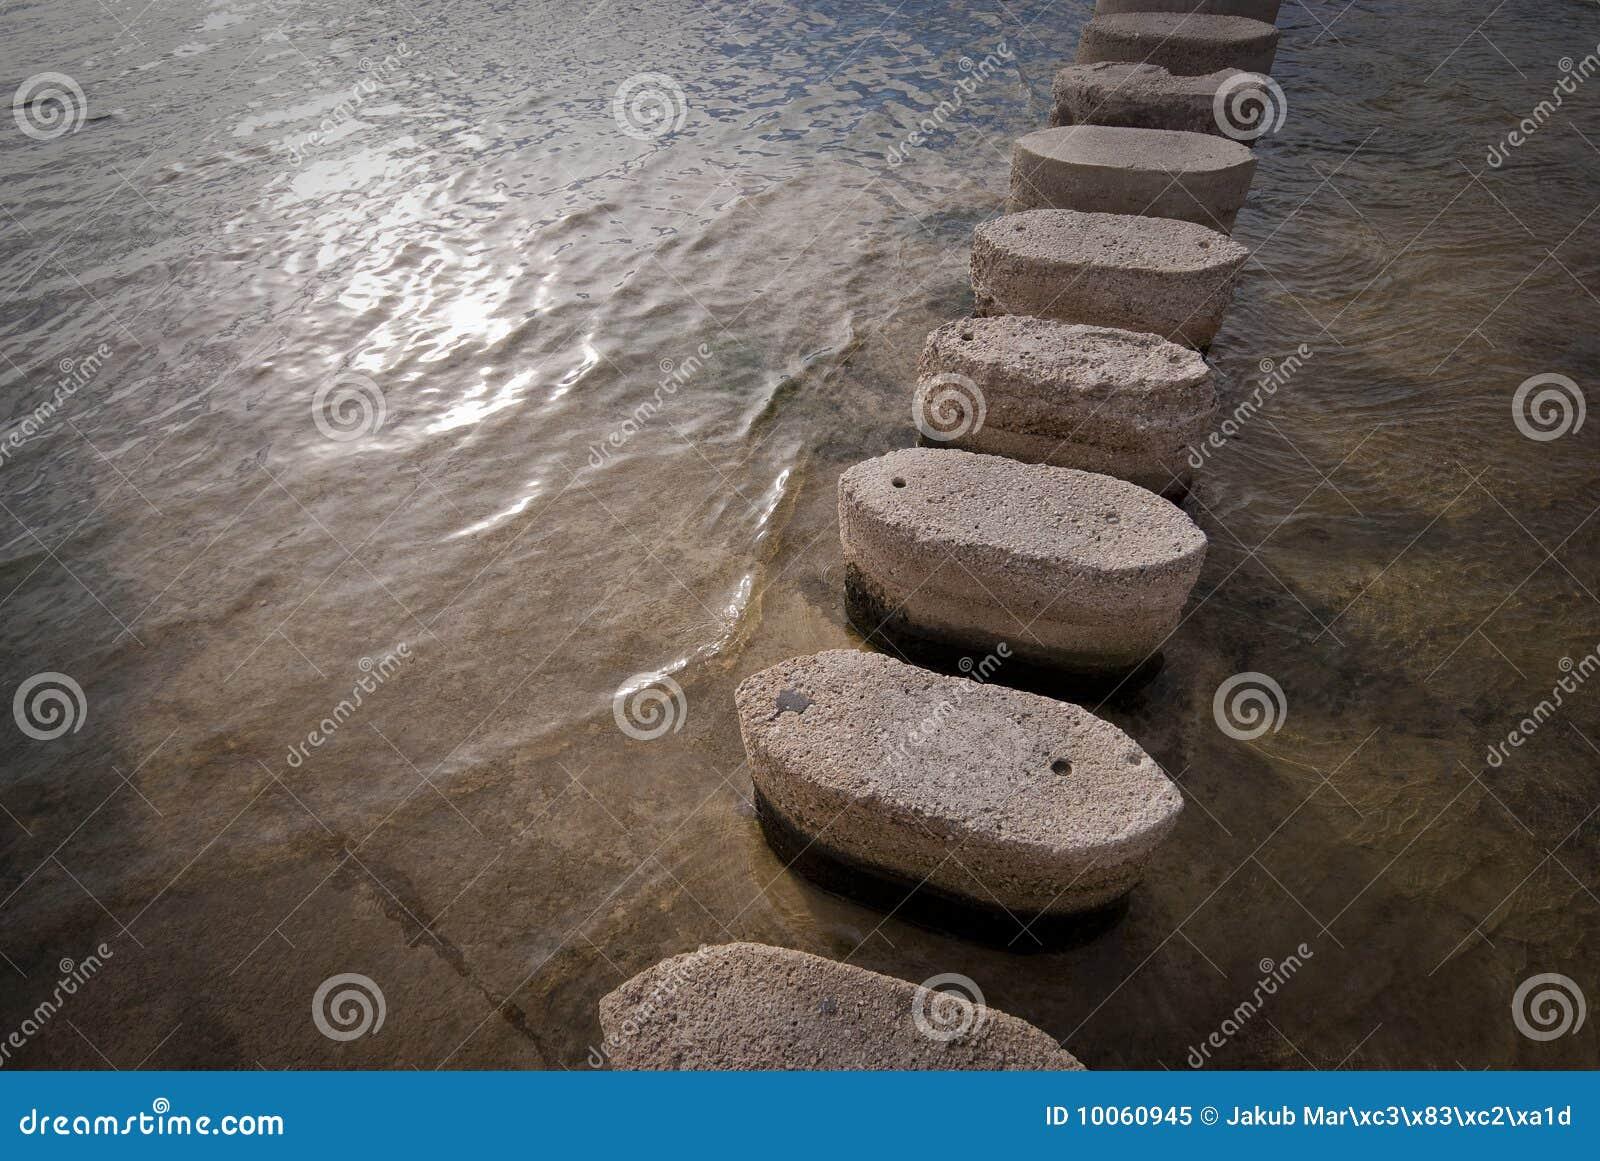 Cruzamento da água